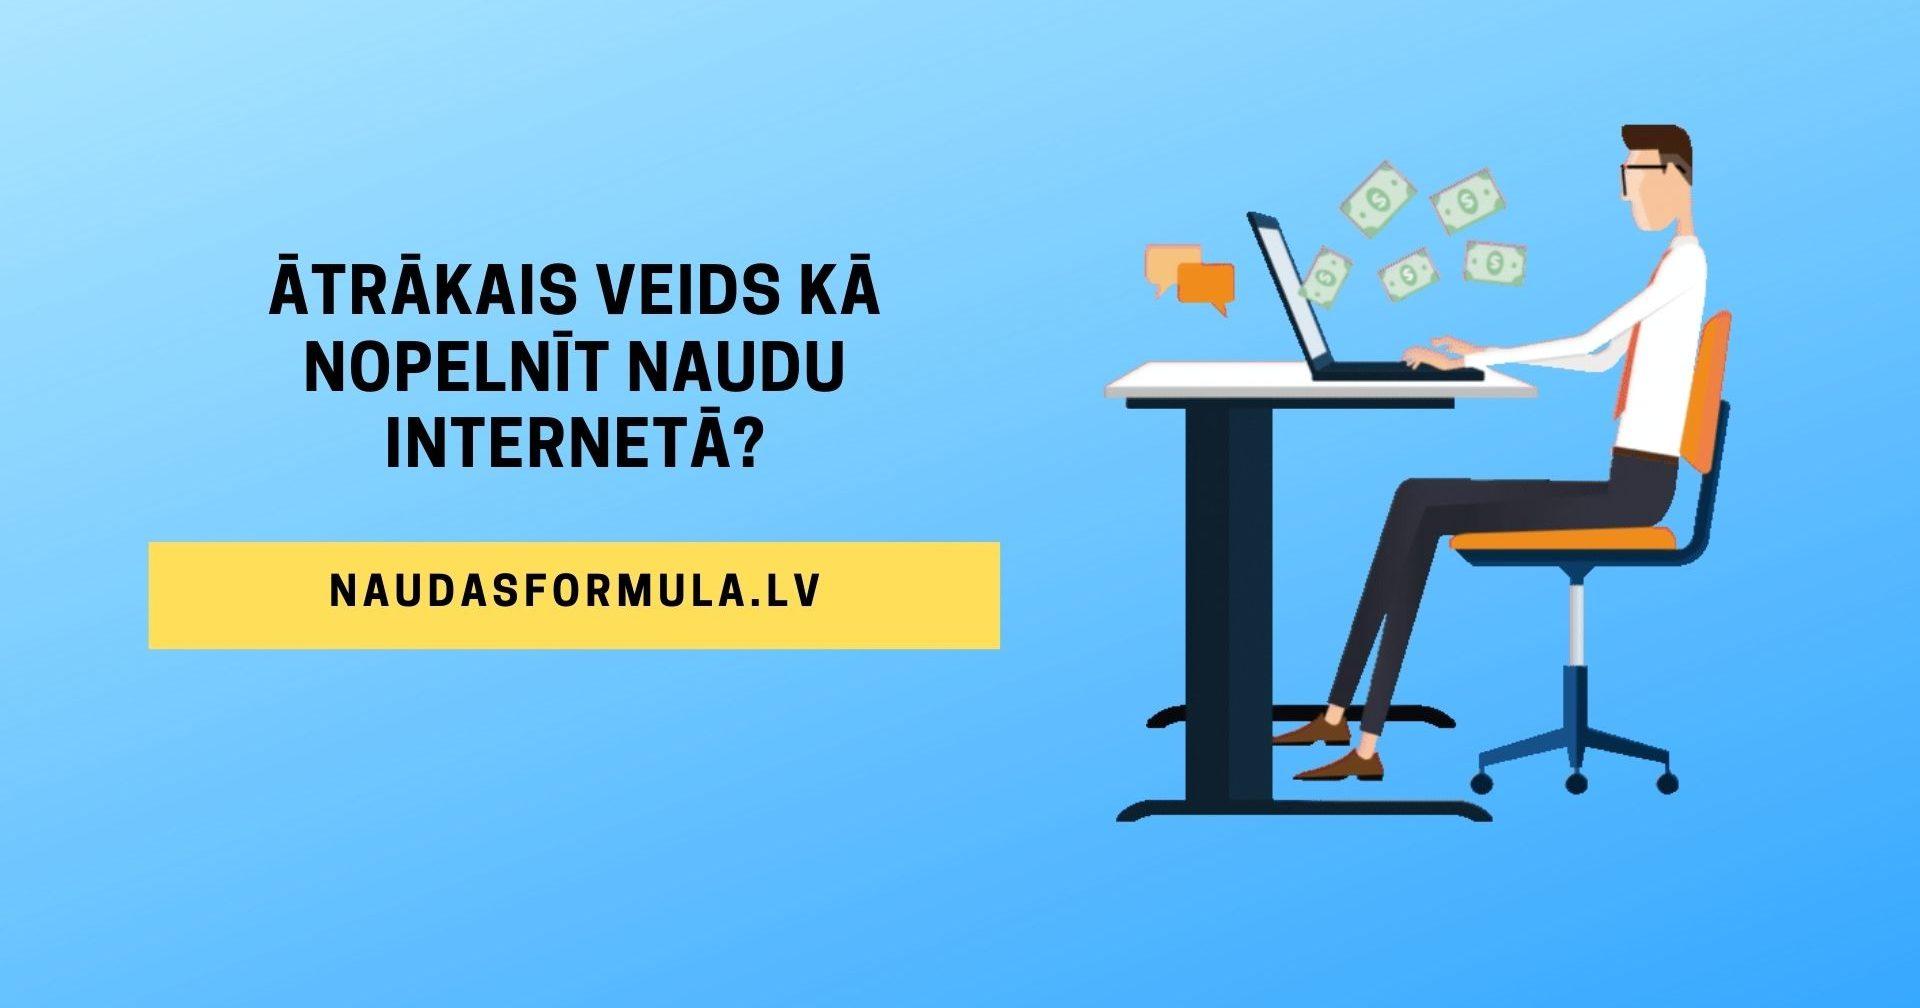 kur jūs varat ātri nopelnīt naudu internetā